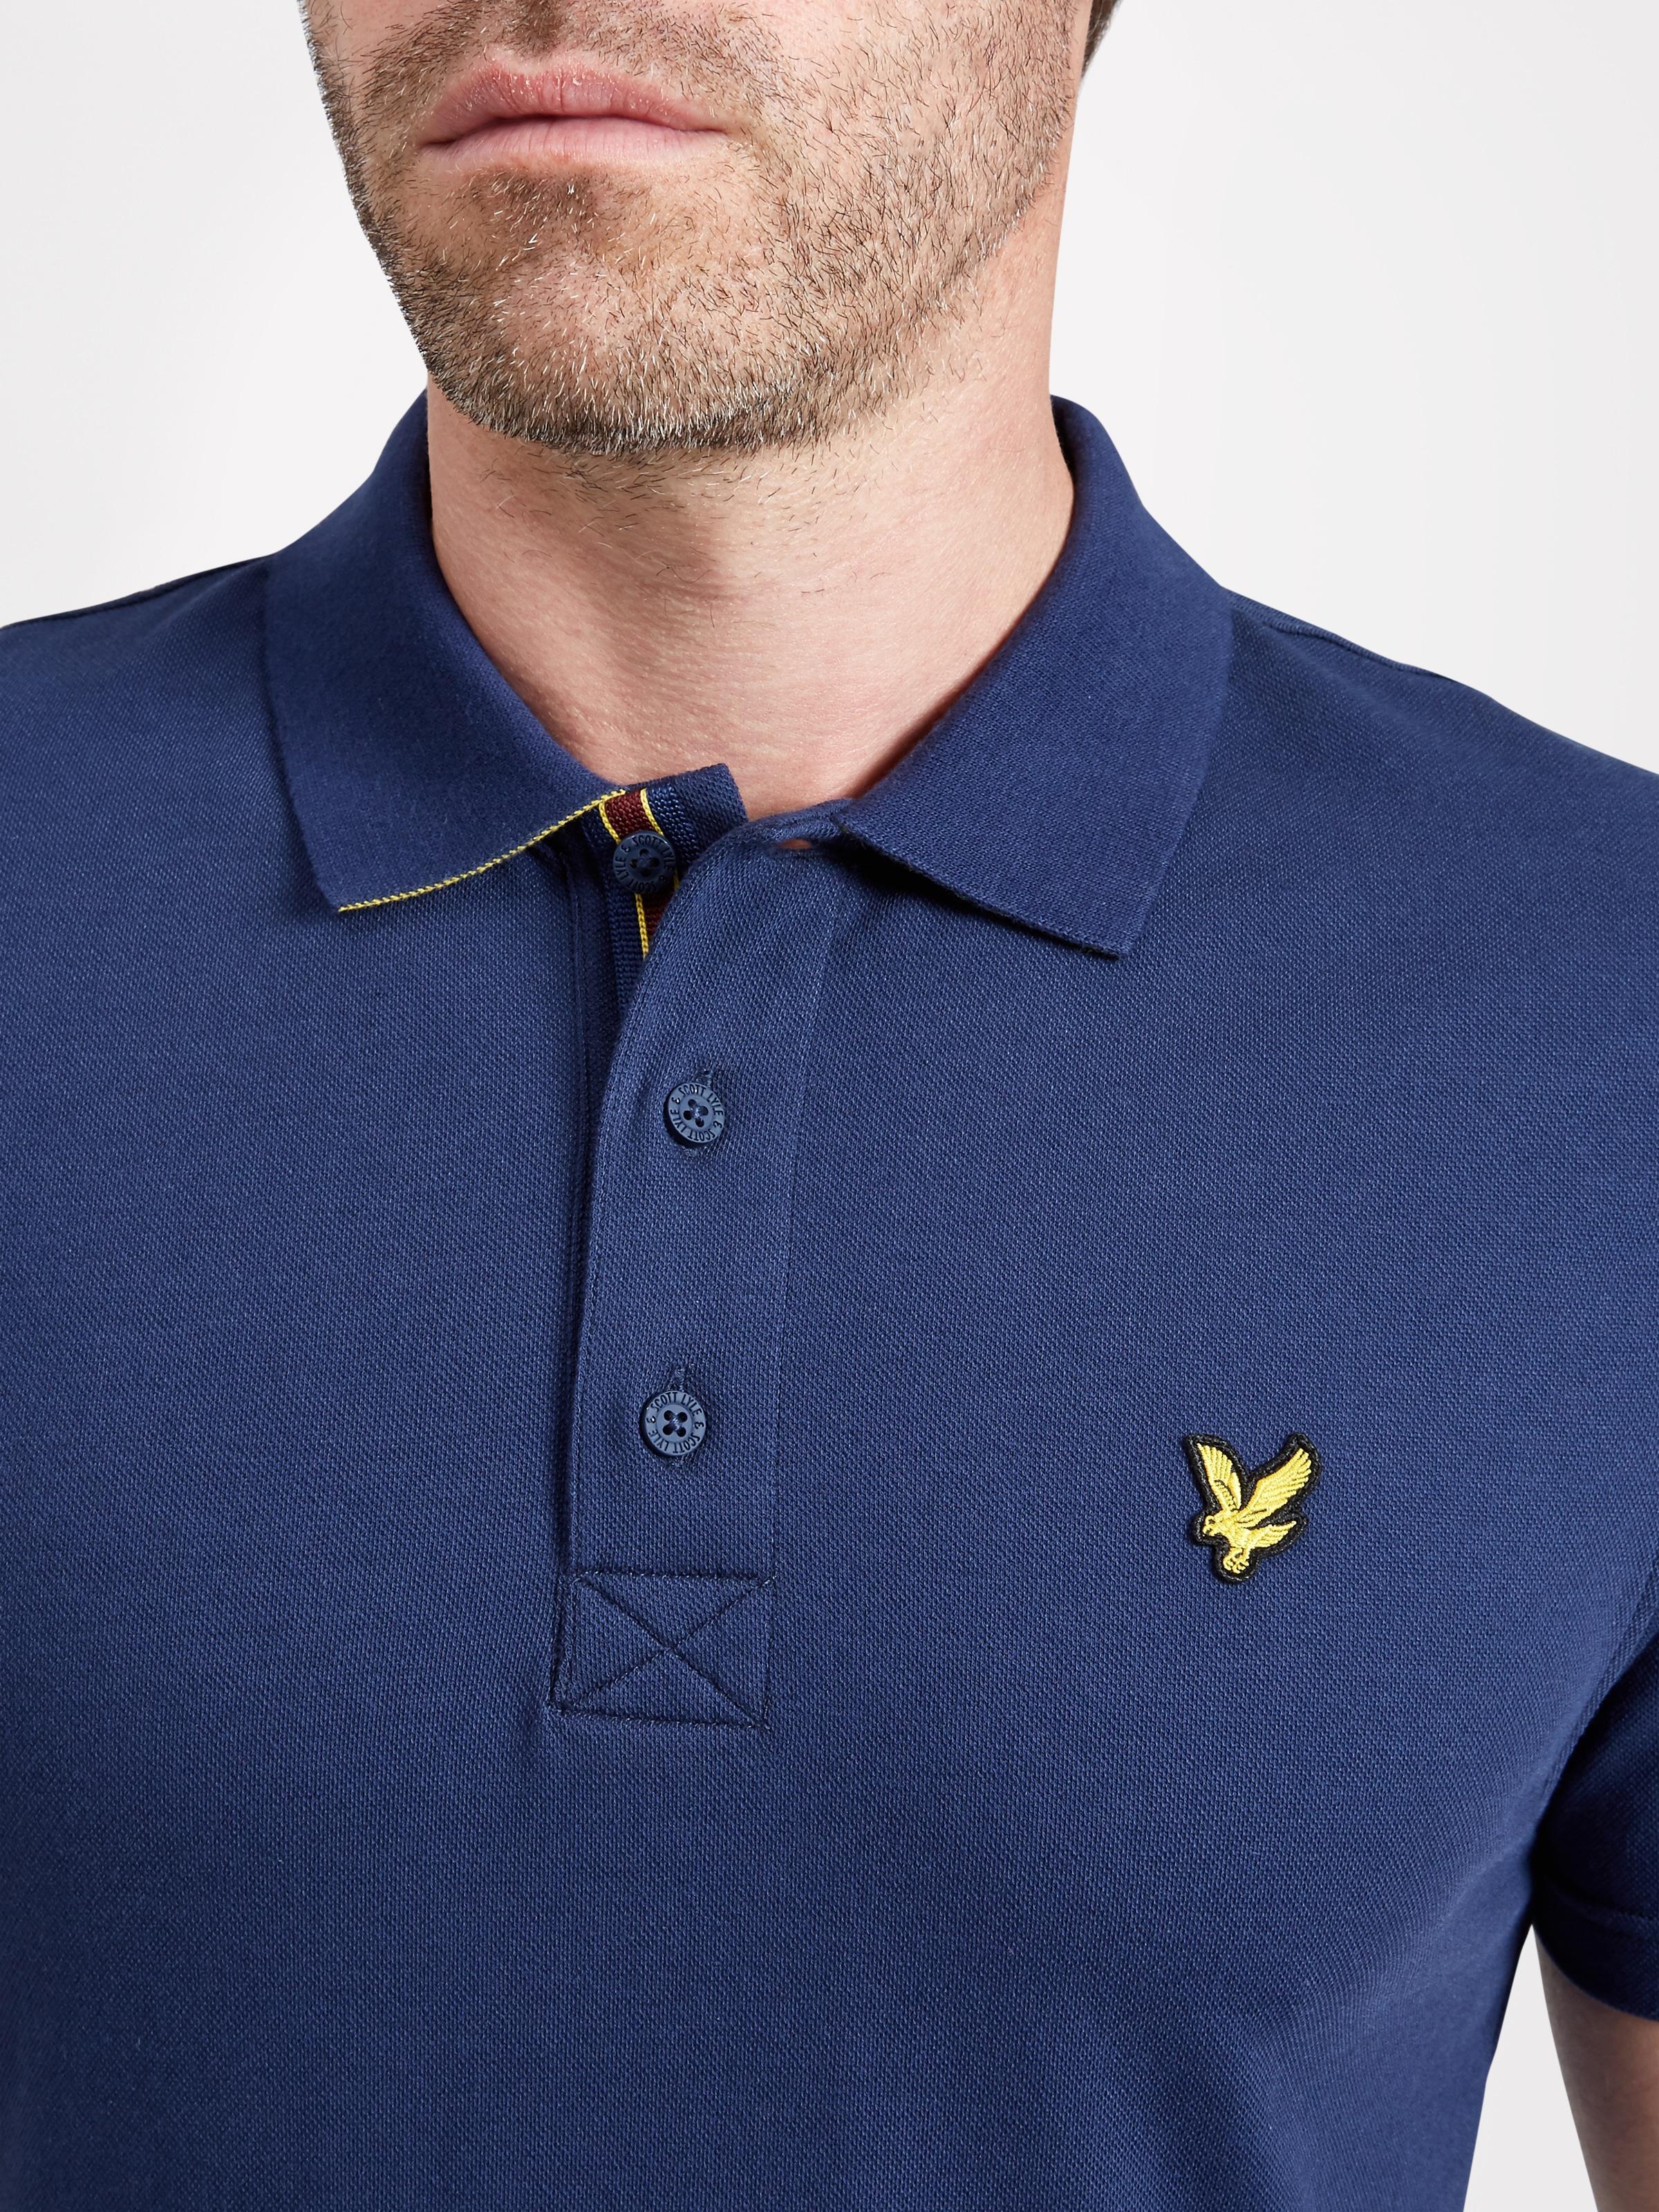 Lyle Scott Kelso Tech Pique Polo Shirt Express Golf